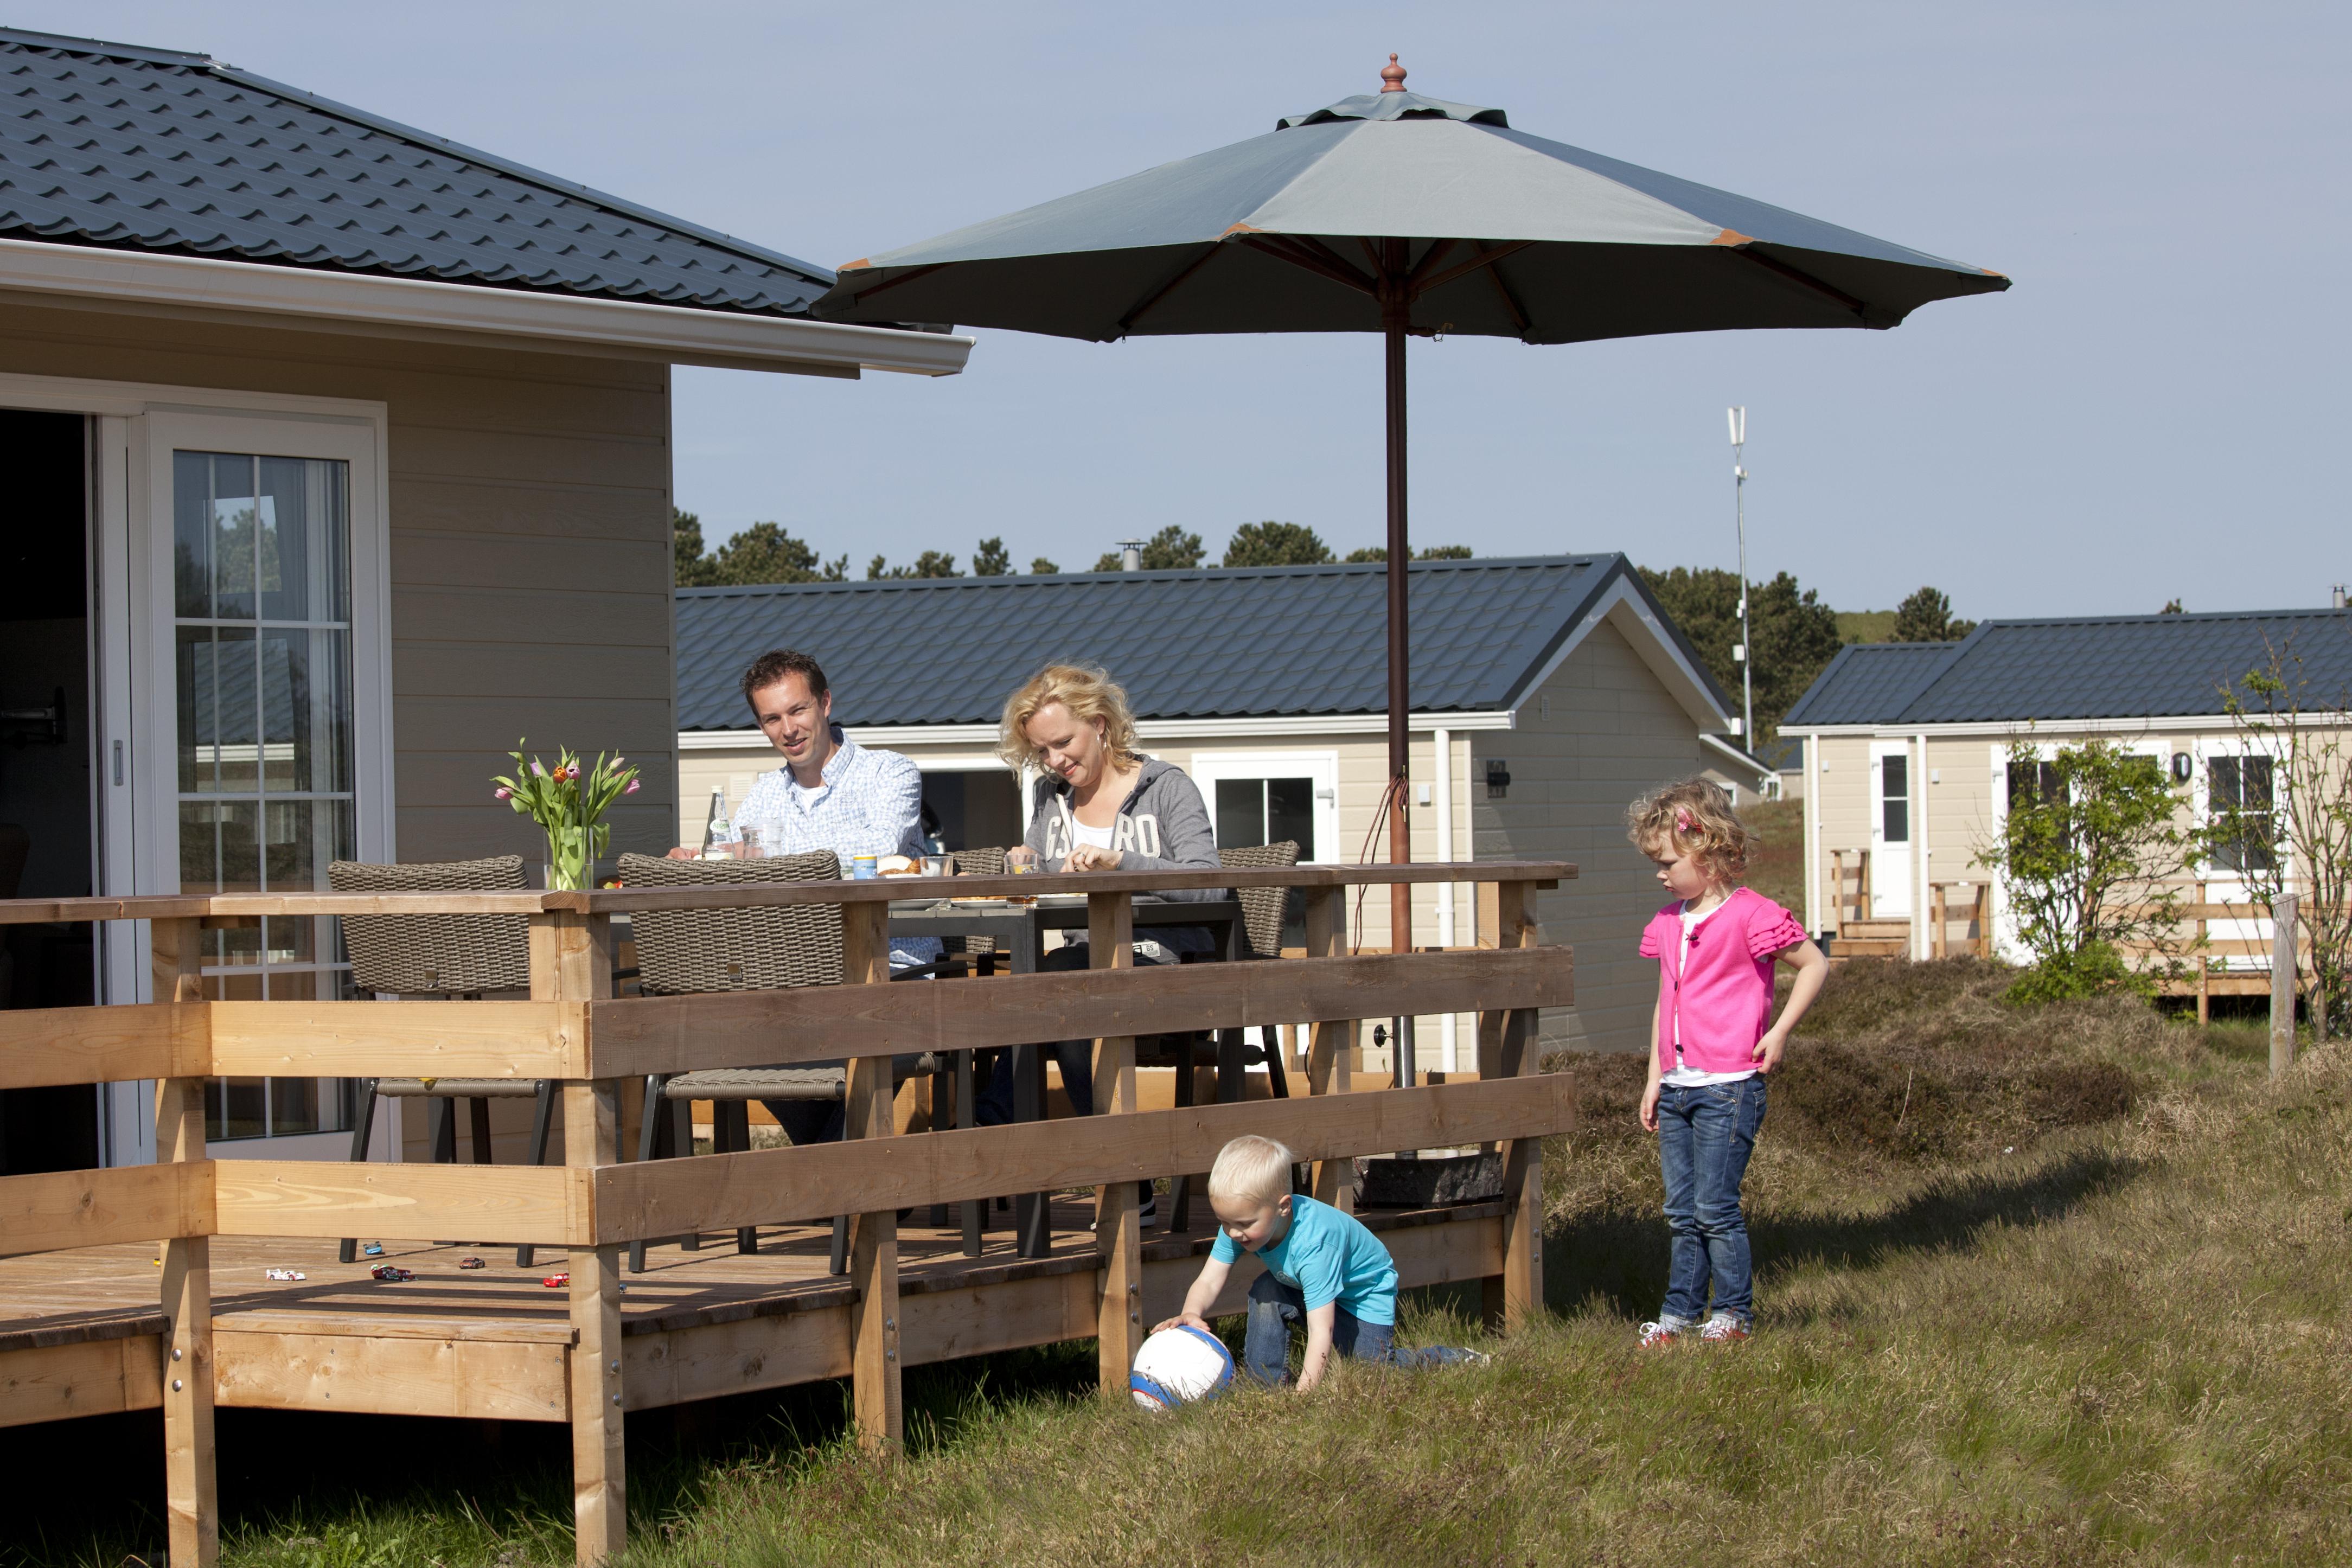 Gezin met ontbijt en spelende kinderen op Loodsmansduin VVV Texel fotograaf Tessa Jol